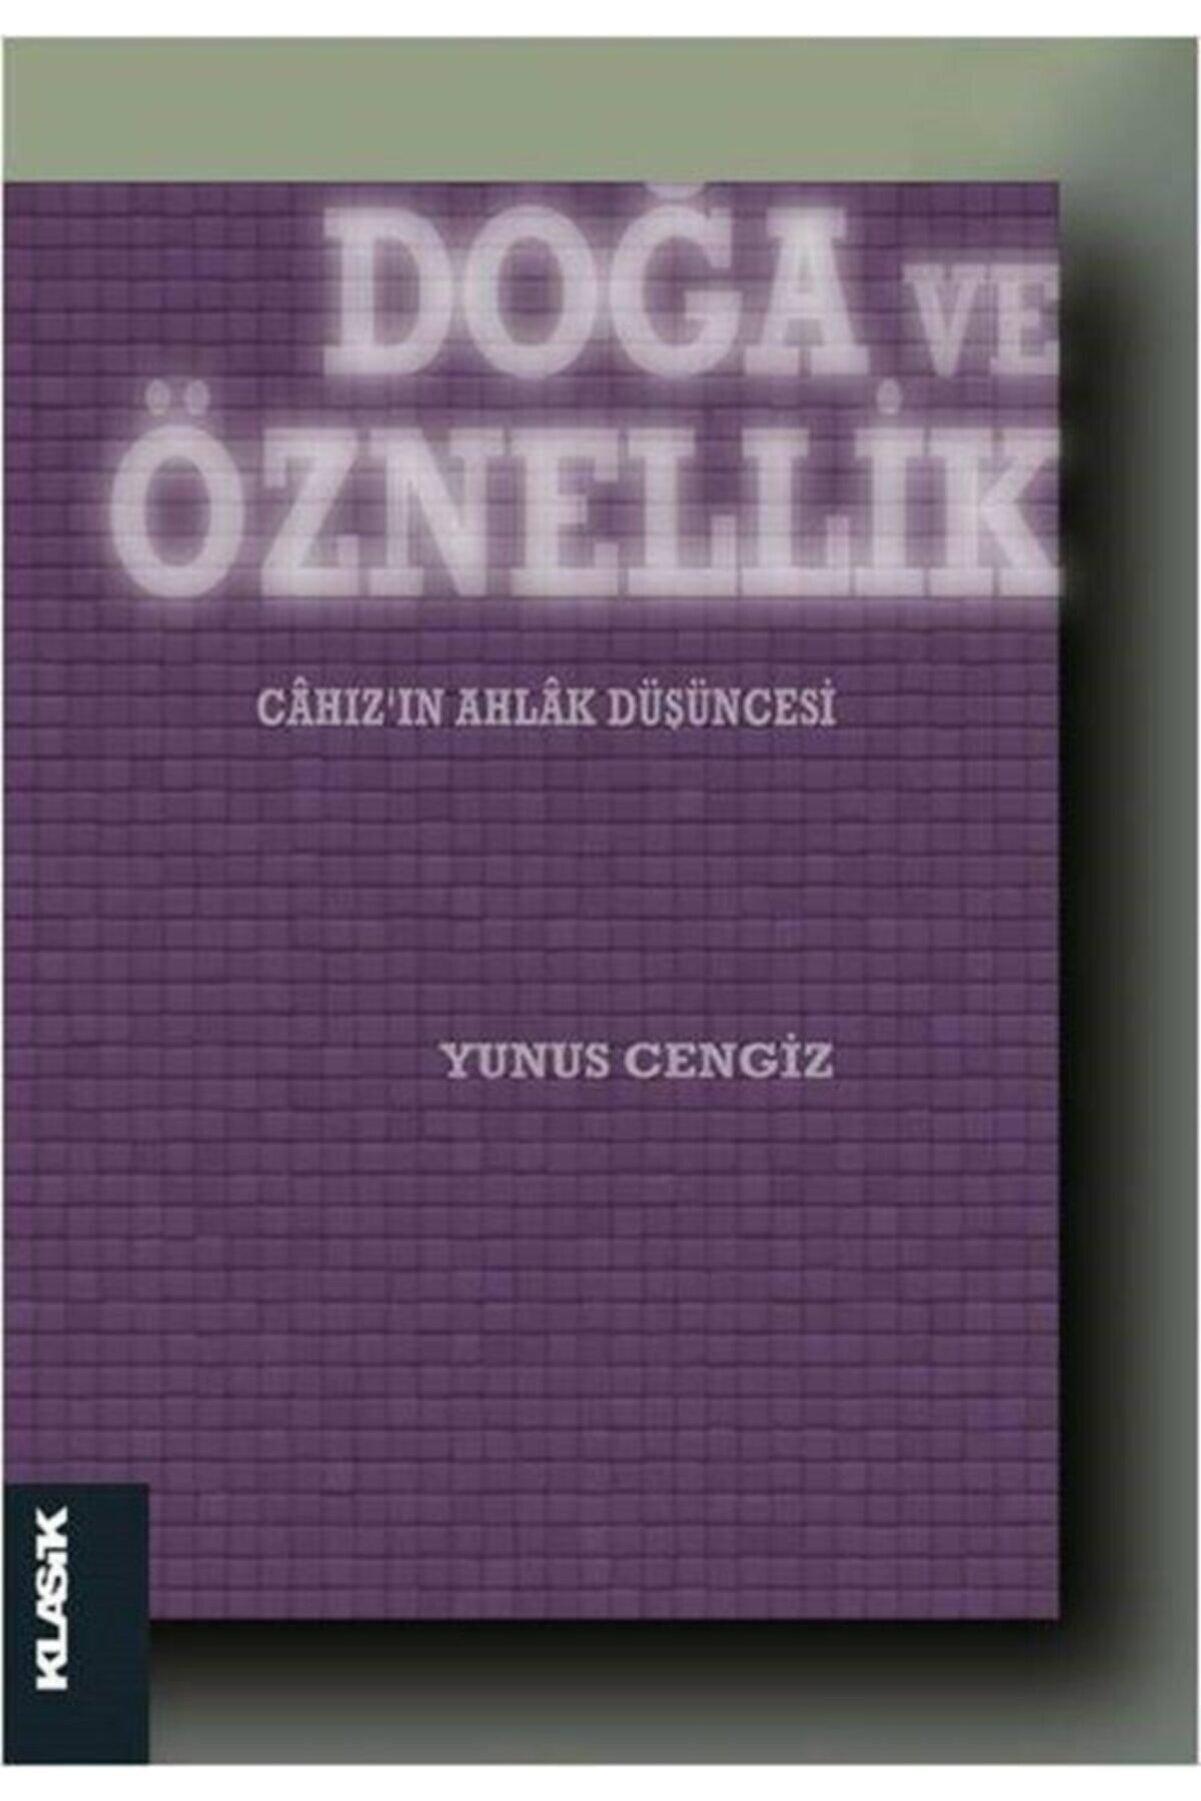 Klasik Yayınları Doğa Ve Öznellik & Cahız'ın Ahlak Düşüncesi